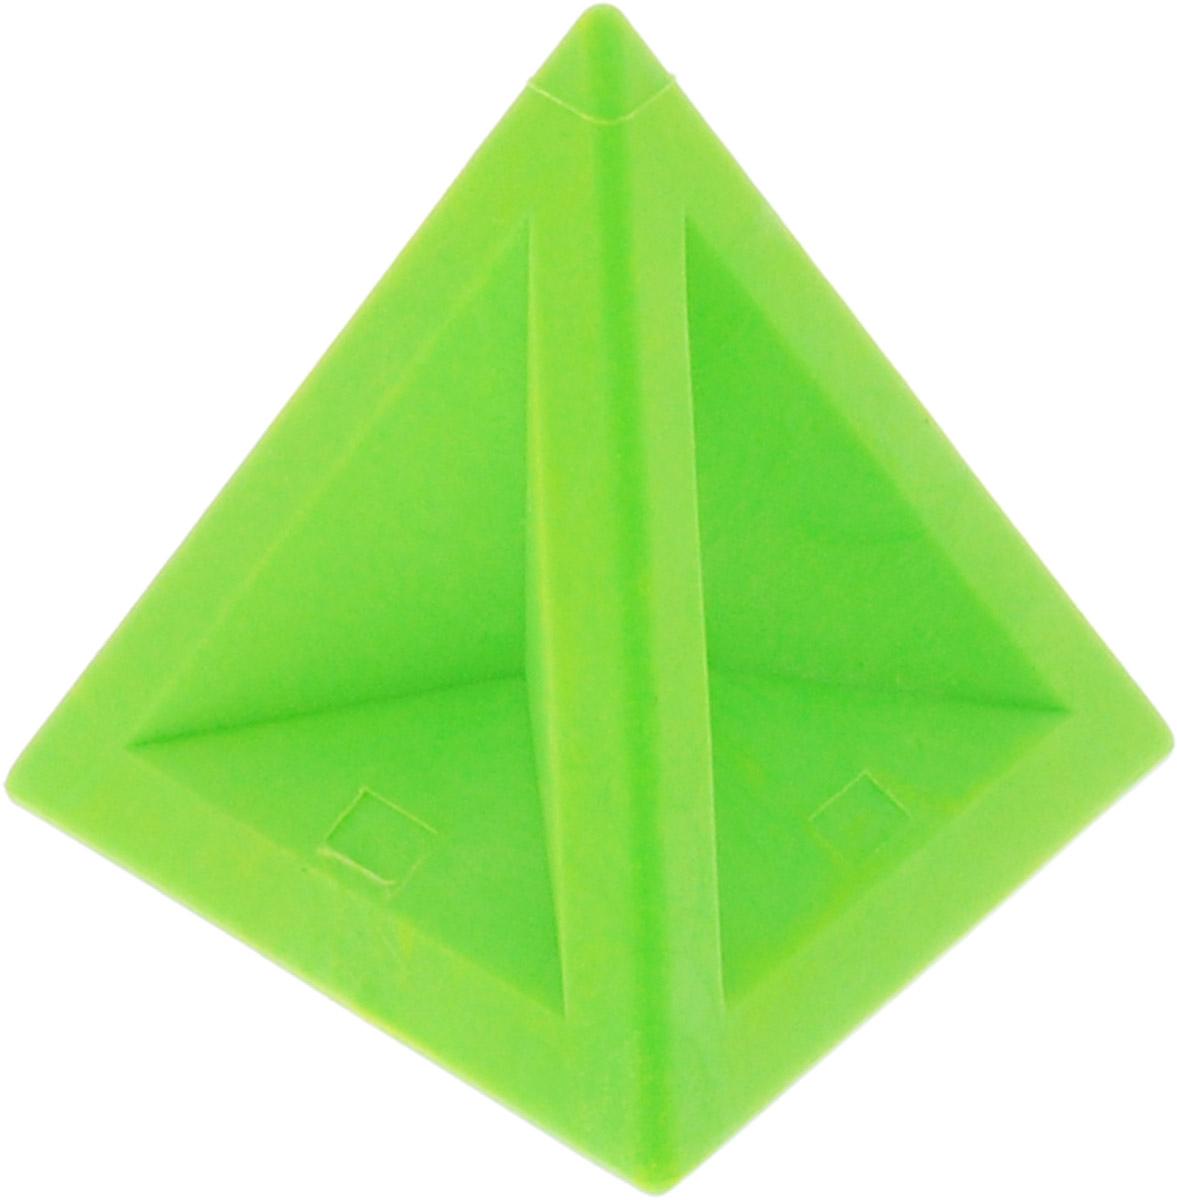 Brunnen Ластик треугольный цвет зеленый29974-52 BLNЛастик Brunnen станет незаменимым аксессуаром на рабочем столе не только школьника или студента, но и офисного работника.Ластик легко и без следа удаляет надписи, выполненные карандашом.